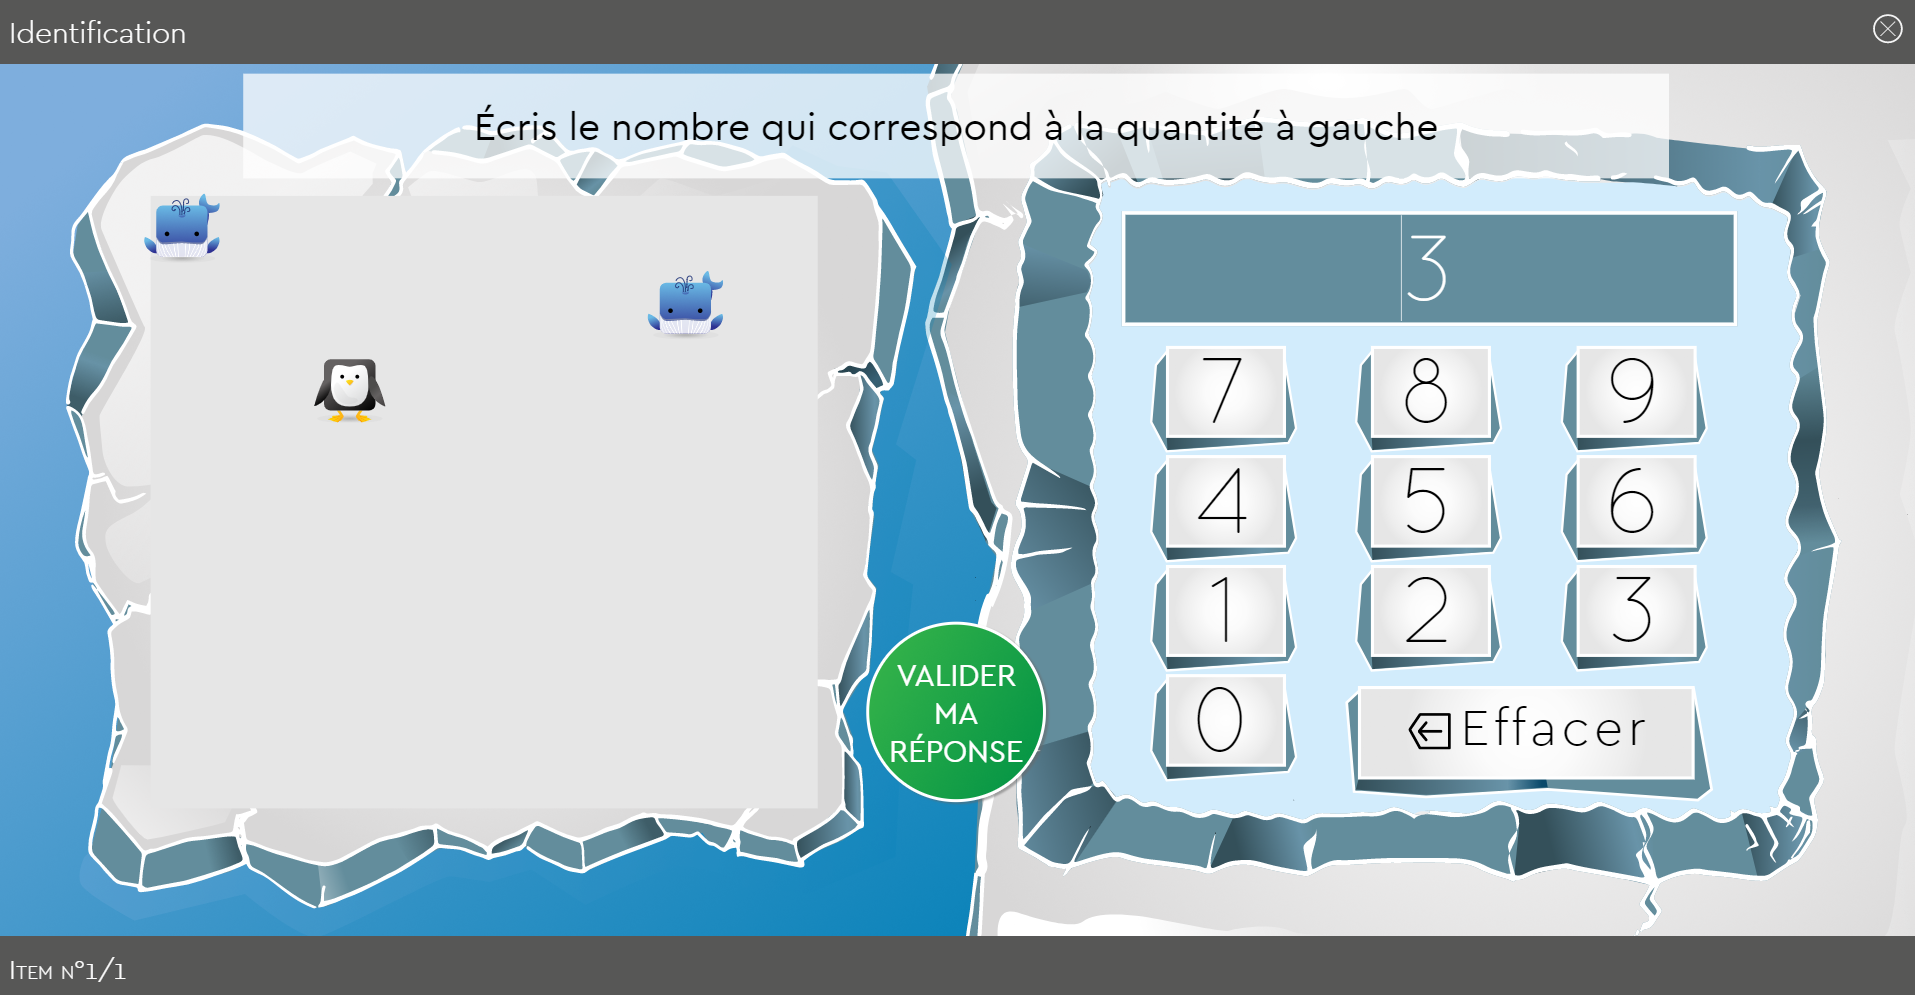 SUBéCAL : logiciel de rééducation de la cognition mathématique et dyscalculie pour l'amélioration du subitizing et des compétences de calcul, numération, quantification, sens du nombre. Activité identification avec décors Banquise personnages pingouin et baleine